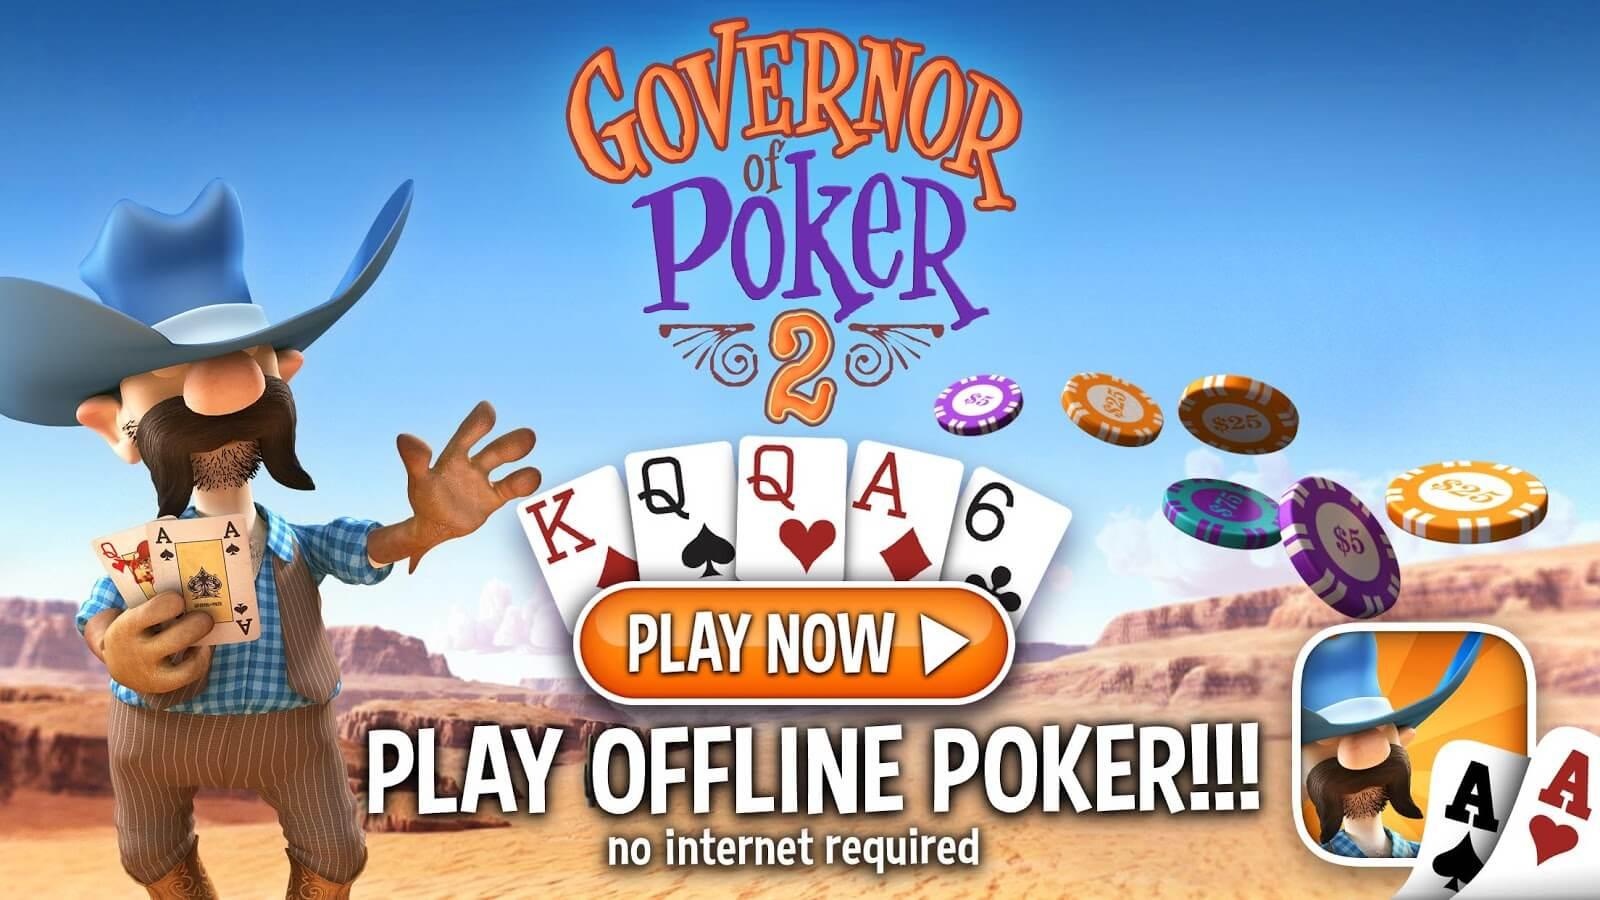 Governor of Poker 2 - Conoce mas de los juegos de casino sin internet